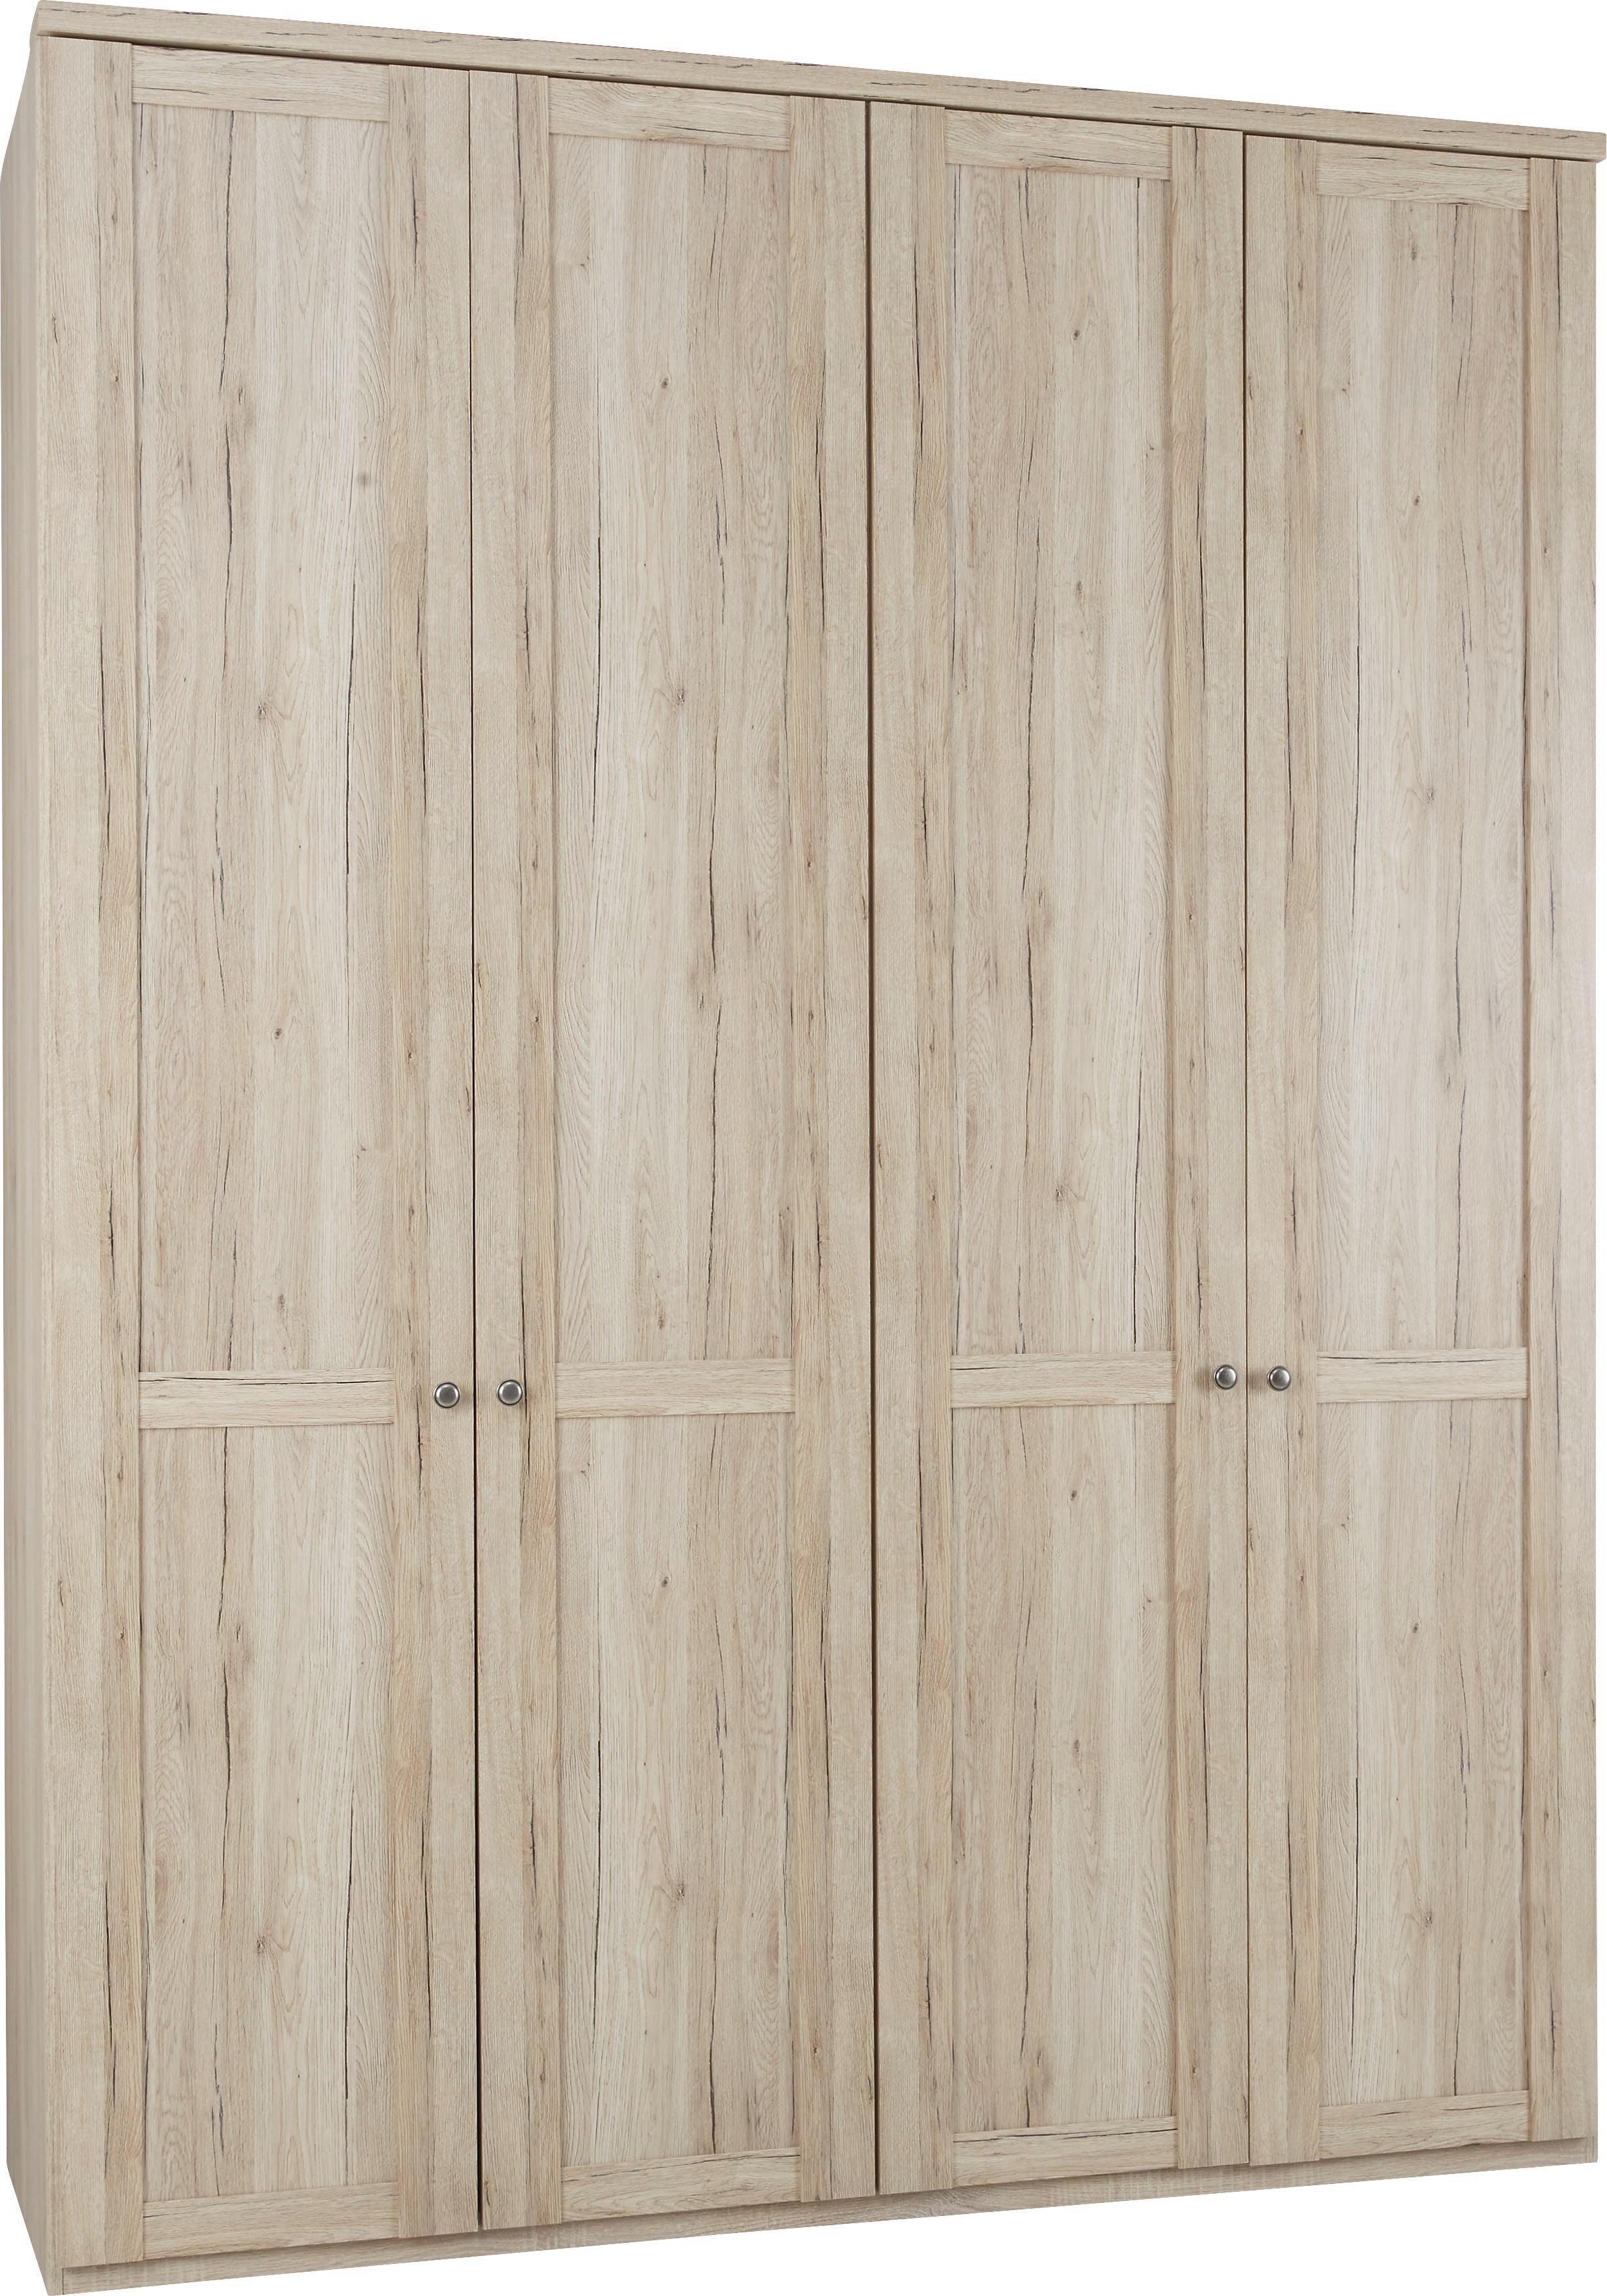 Drehtürenschrank in Eiche, 4-türig - Eichefarben/Zinkfarben, KONVENTIONELL, Holz/Holzwerkstoff (180/234/58cm) - PREMIUM LIVING